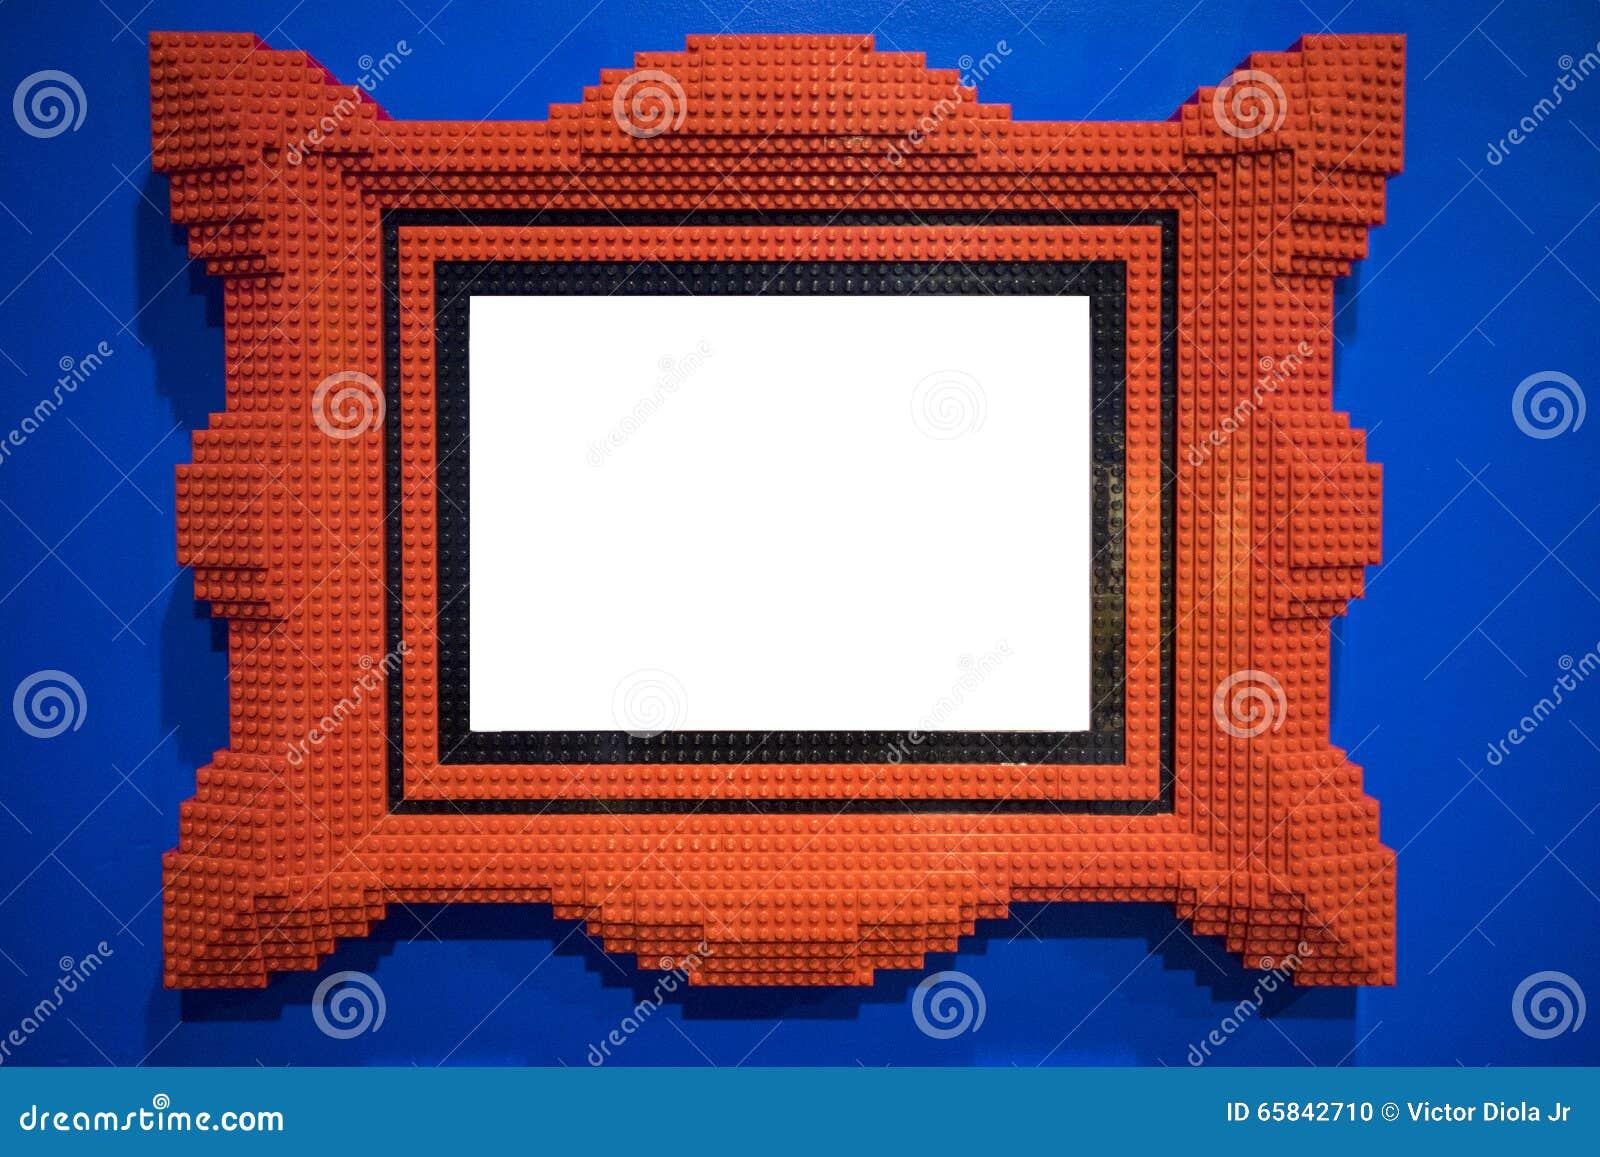 红色塑料块一起聚集形成画框 照片框架在蓝色色的墙壁上垂悬.图片